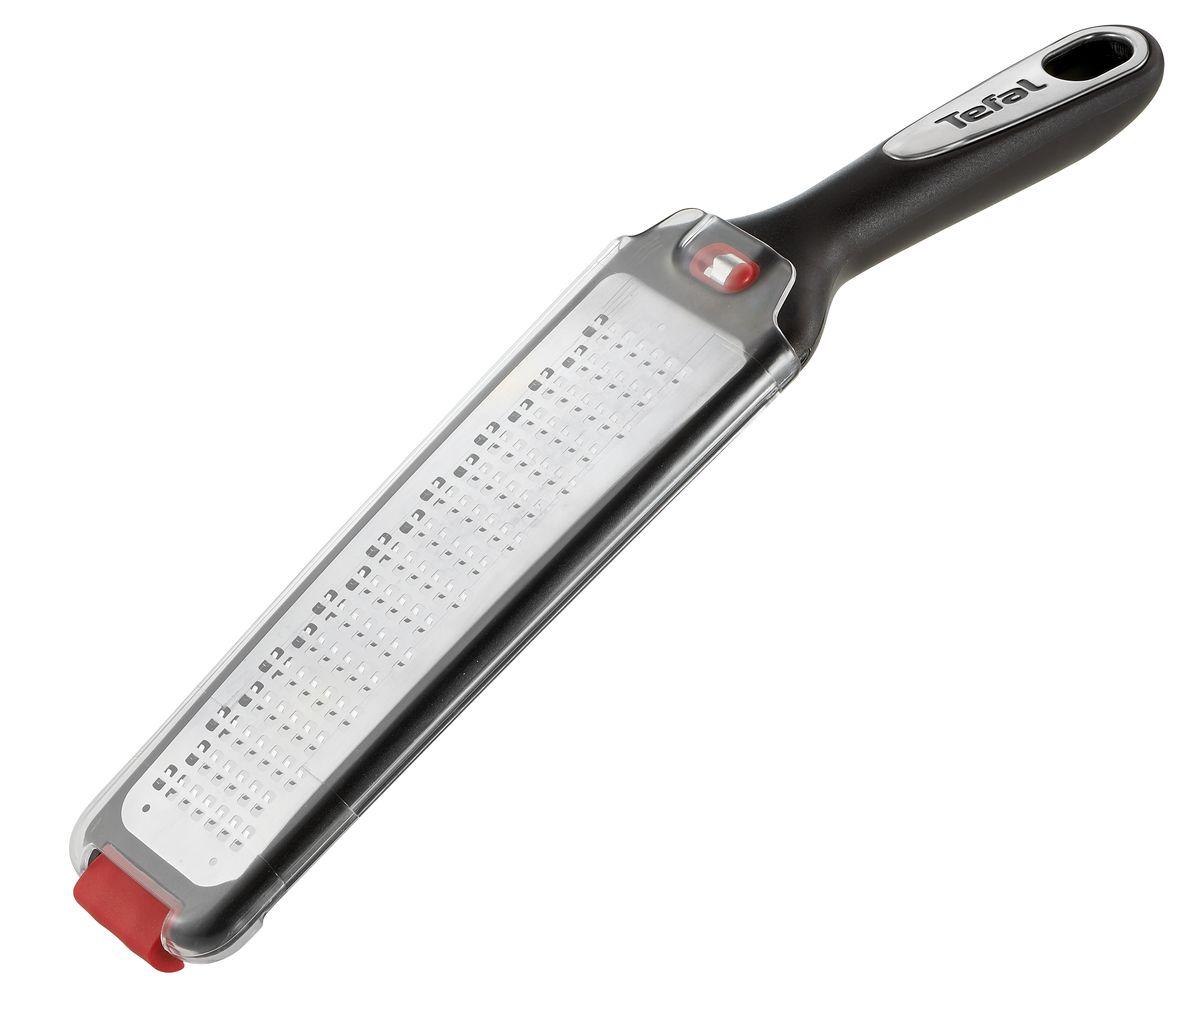 Терка Tefal Ingenio, плоская, с ручкойCM000001328Терка Tefal Ingenio изготовлена из высококачественной нержавеющей стали. Изделие снабжено лезвиями для крупной терки. Благодаря удобной пластиковой ручке терку удобно использовать и приятно держать в руках. На ручке имеется отверстие для подвешивания. В комплект входит держатель для овощей и фруктов.